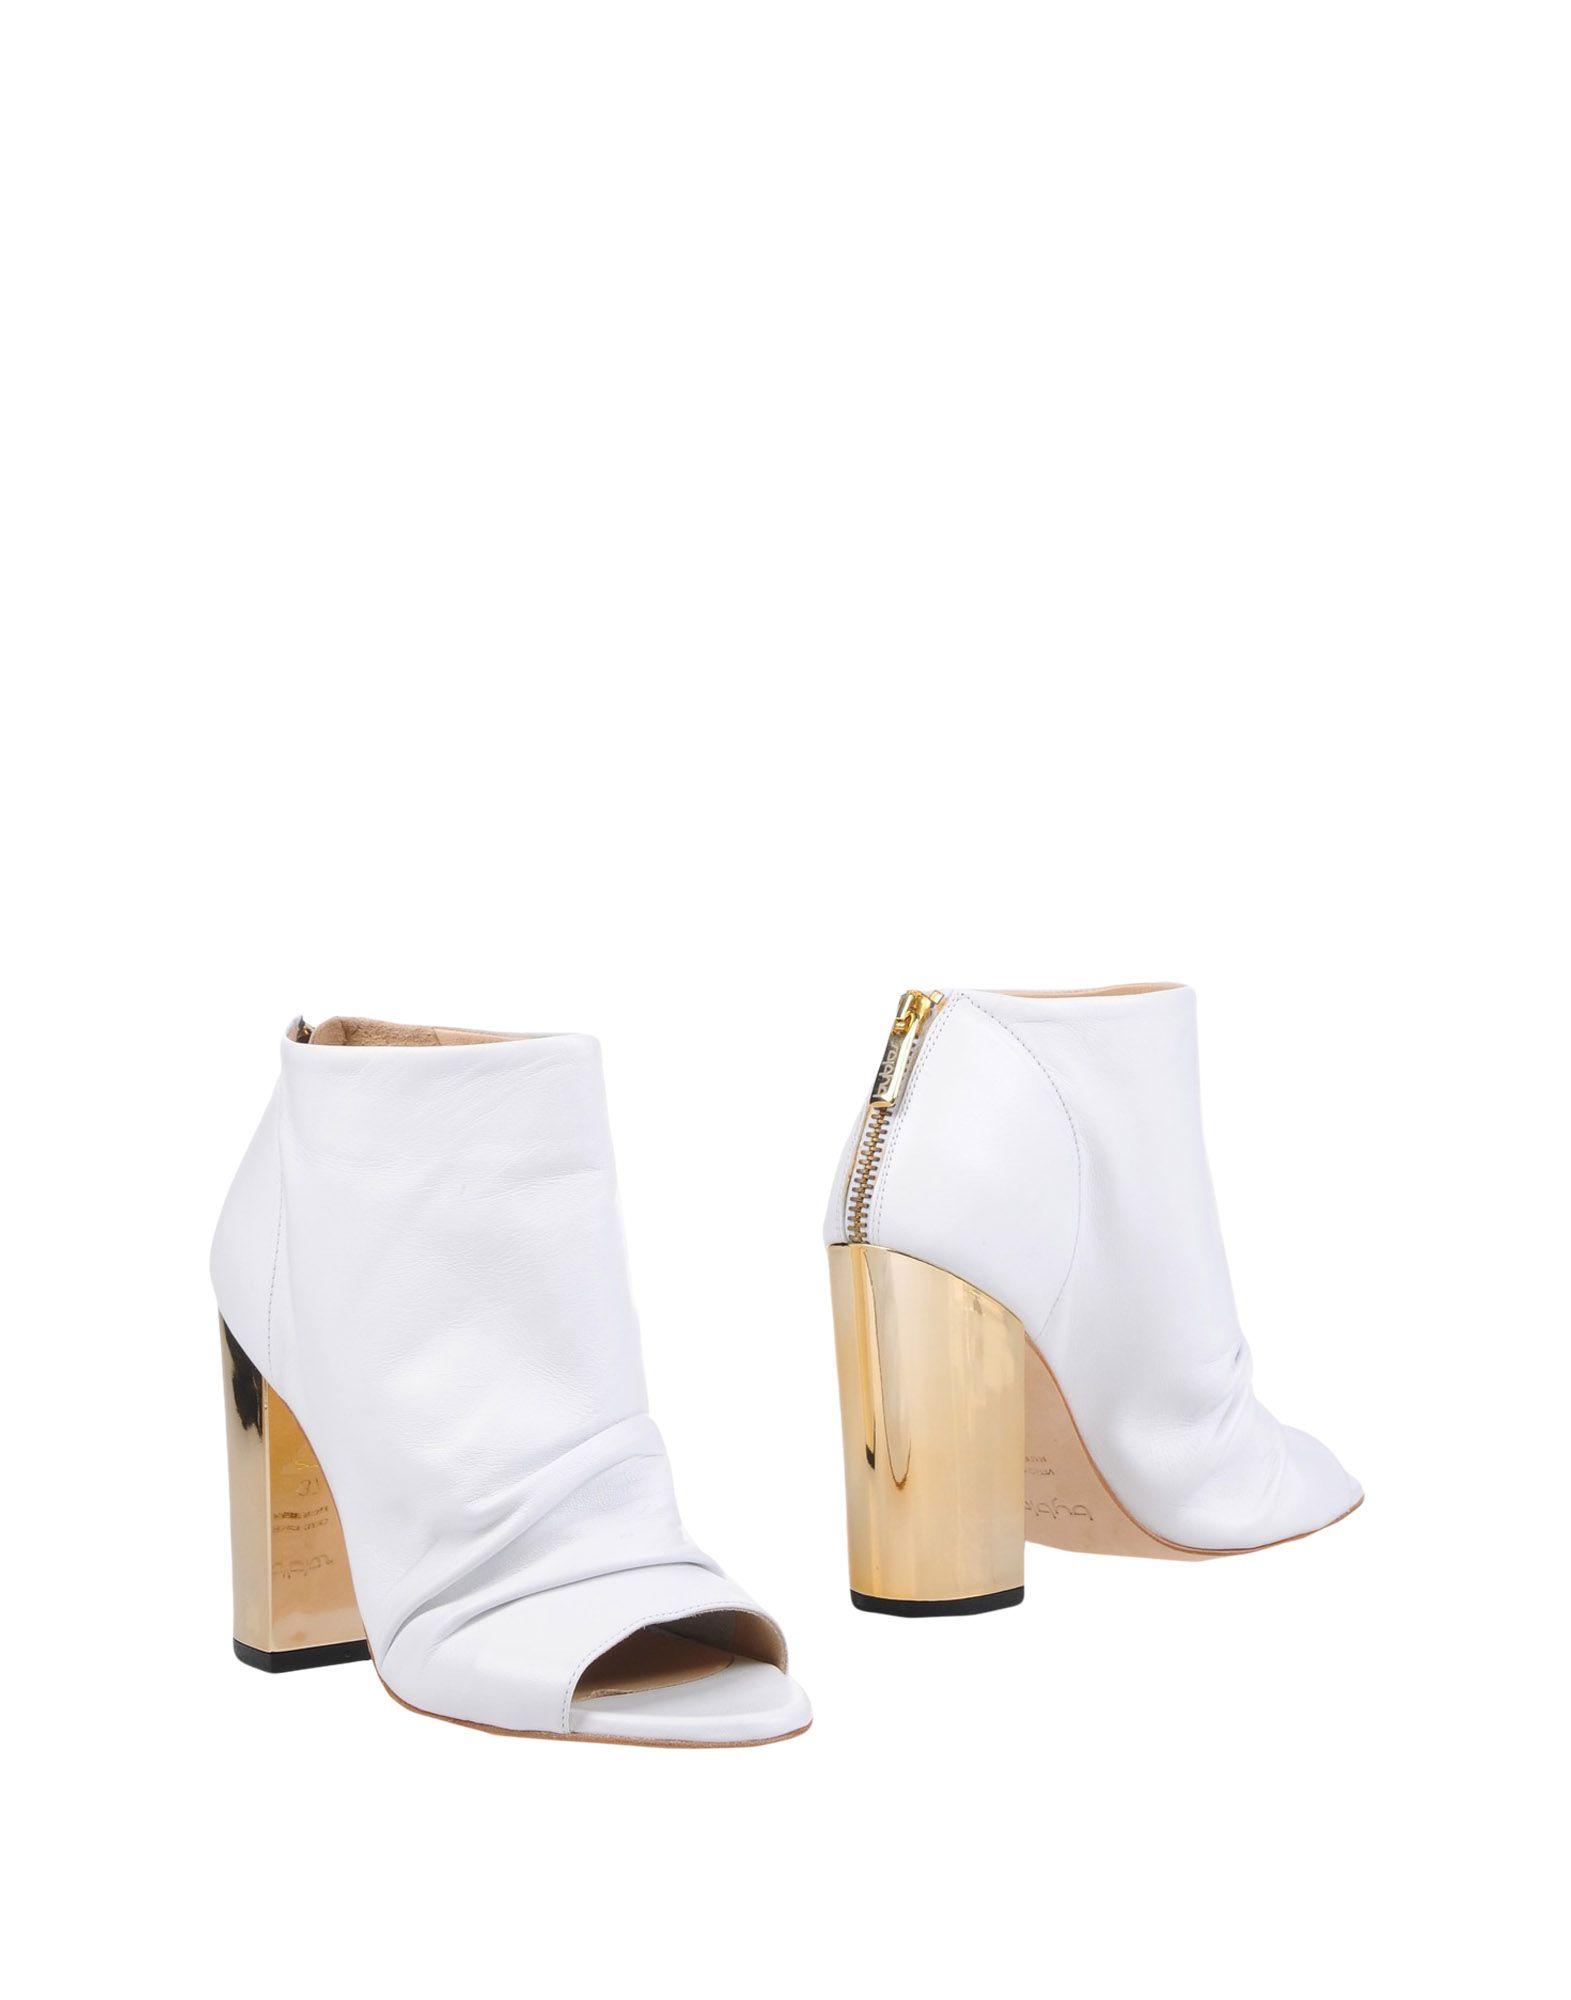 《送料無料》BYBLOS レディース ショートブーツ ホワイト 40 革